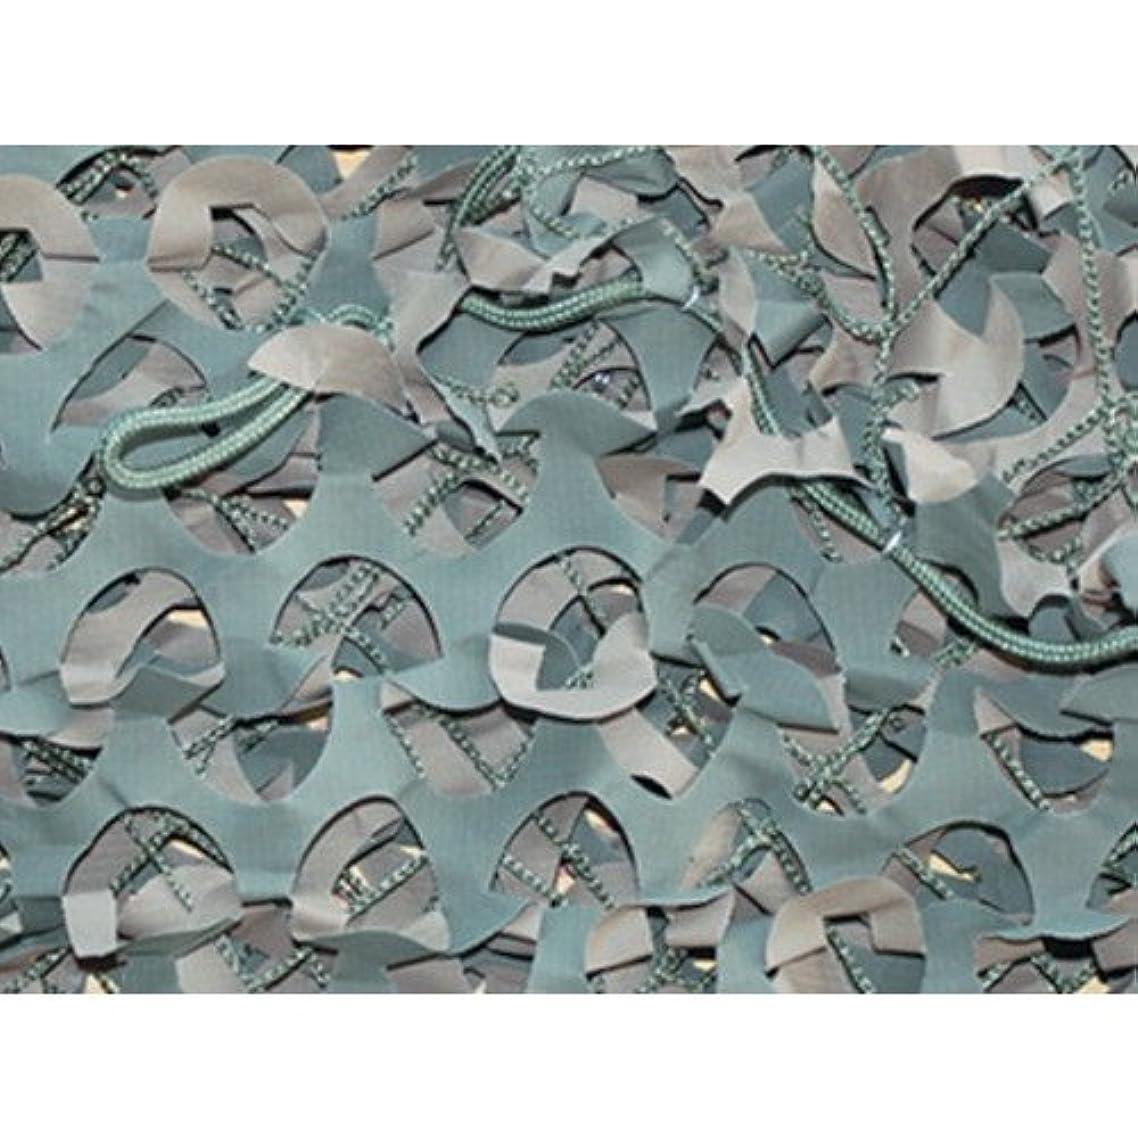 平和的ワードローブダウンタウントラスコ中山 CAMO プレミアム レギュラーXミリタリー グリーン&ブラウン 1.8mX3m SP07GB